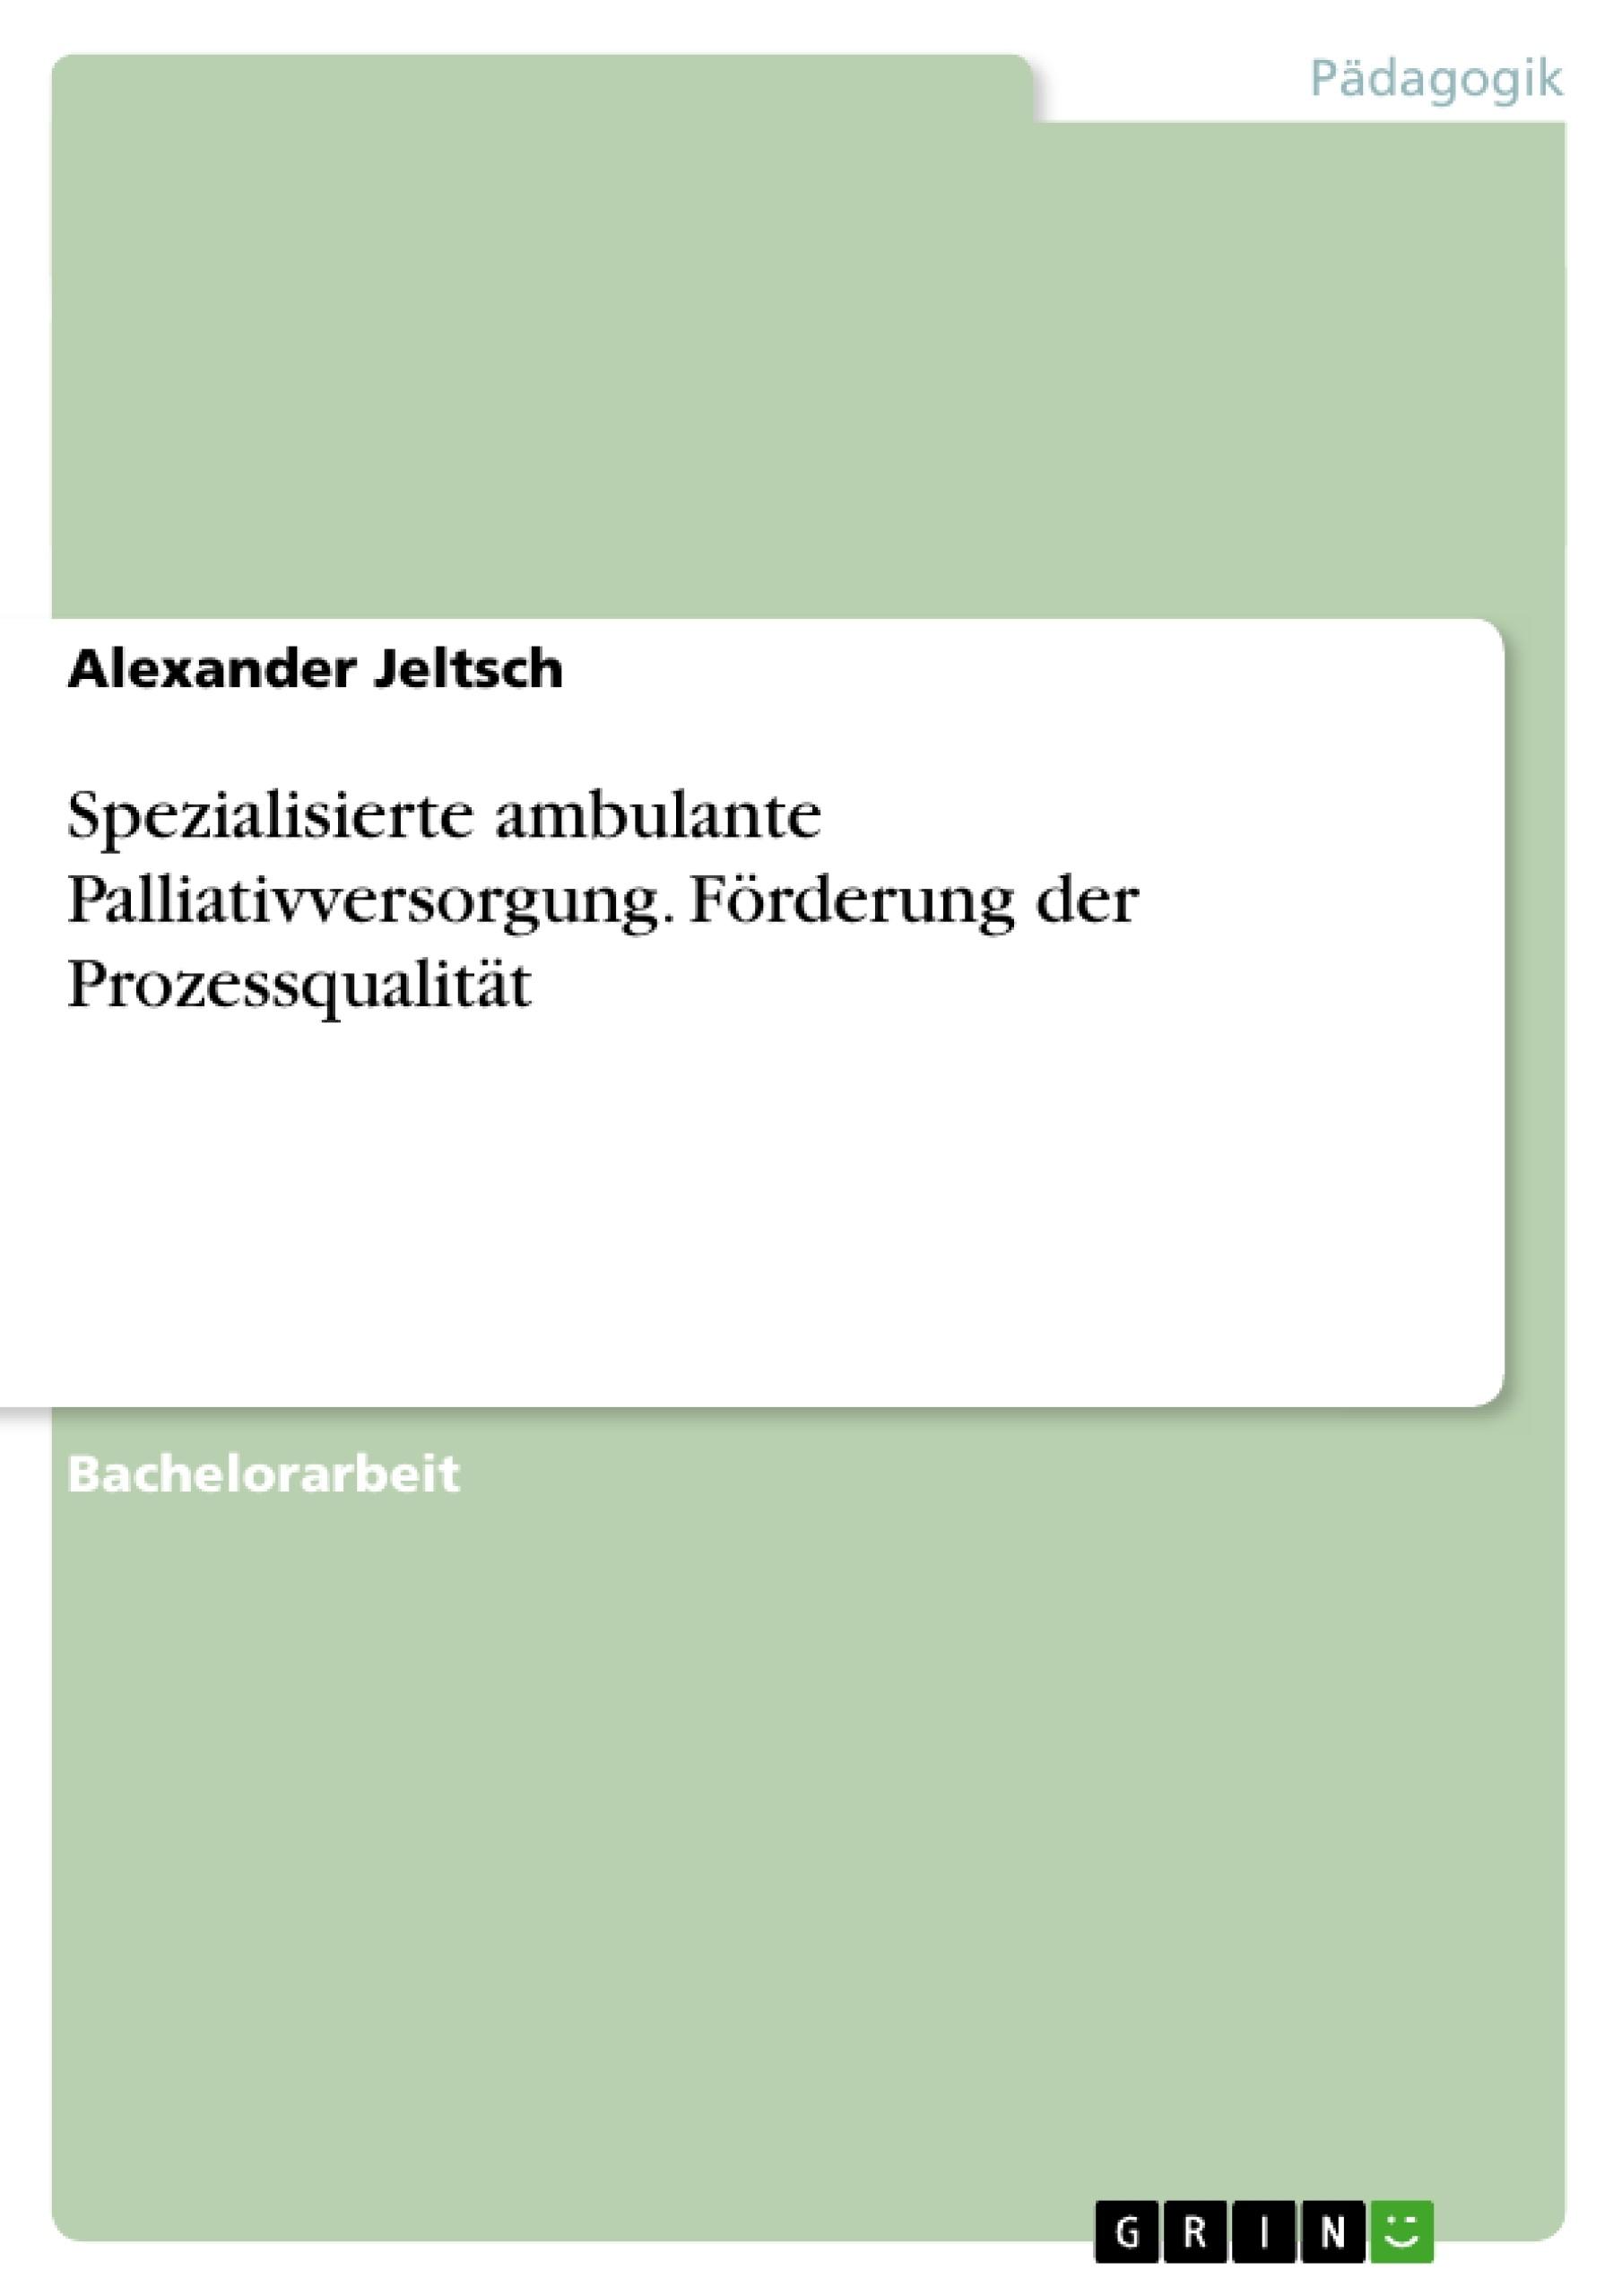 Titel: Spezialisierte ambulante Palliativversorgung. Förderung der Prozessqualität